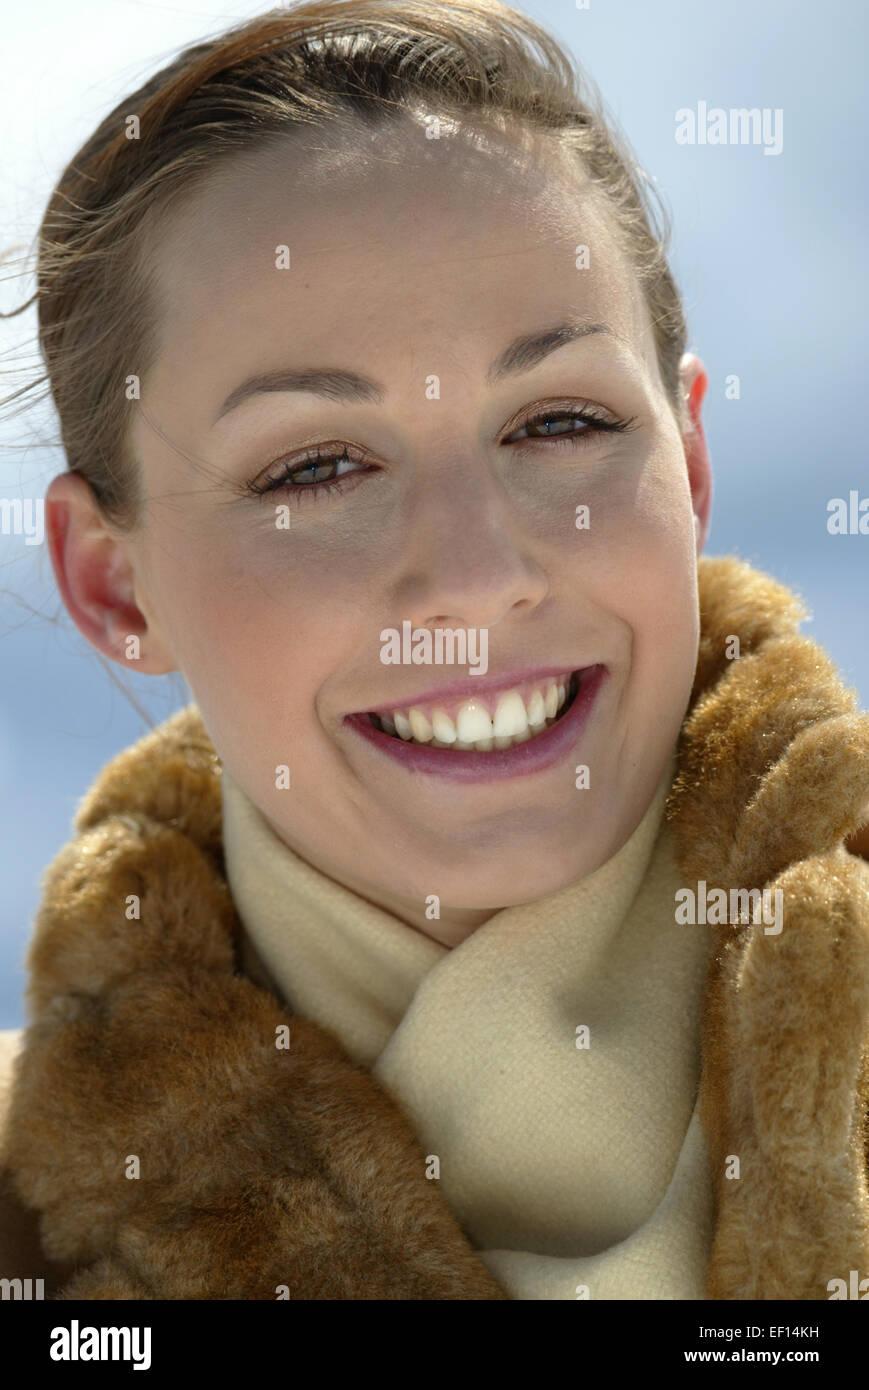 Frau PelzSchalFrei Junge In Elegante WintermantelMit PkuTXZiO